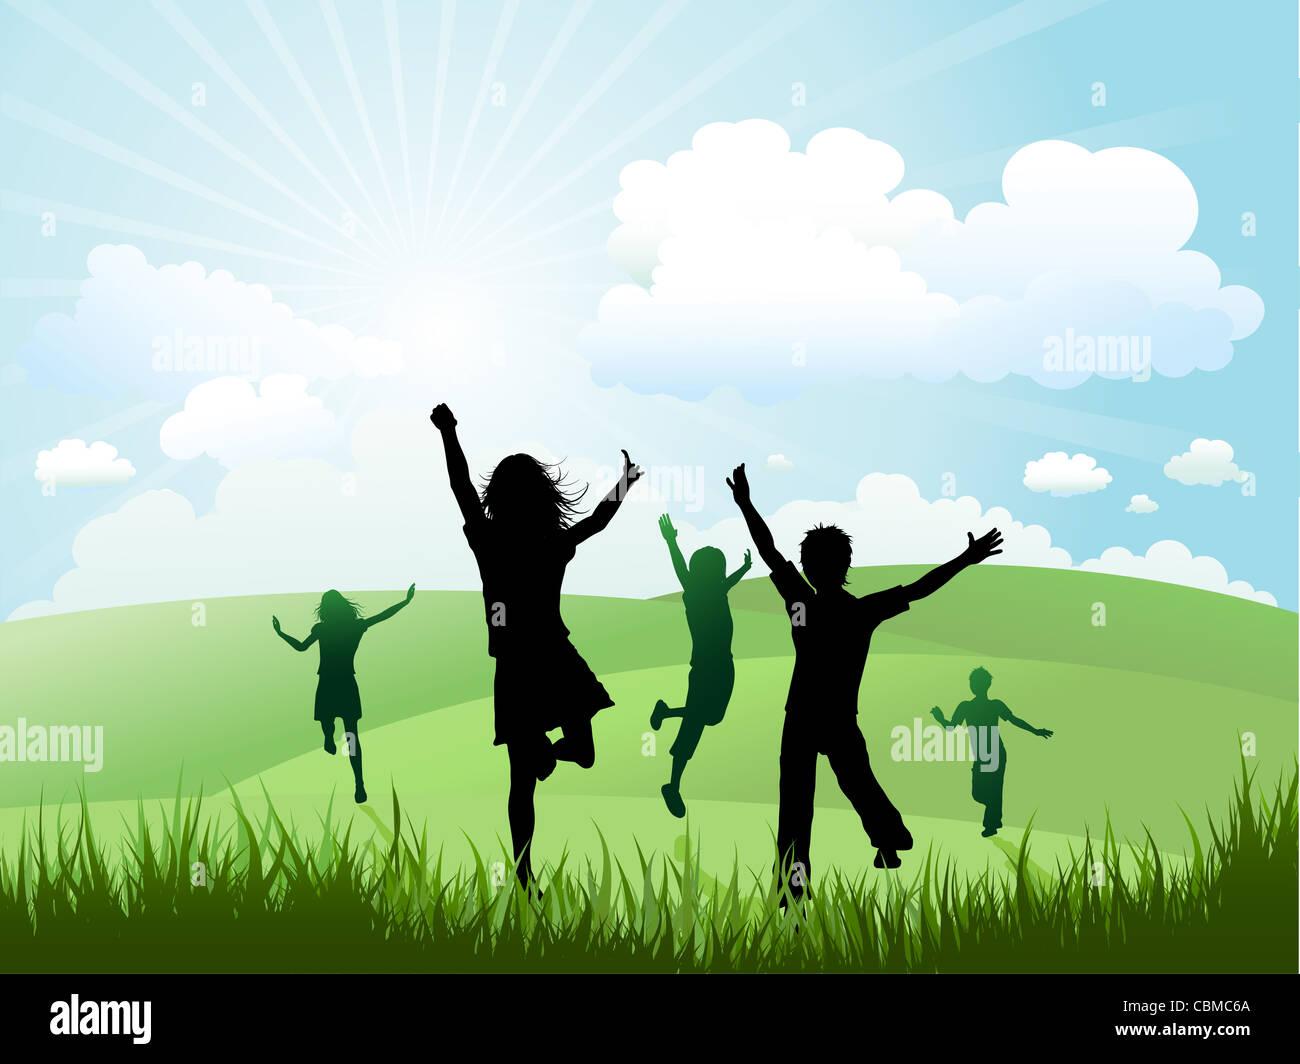 Silhouettes d'enfants courant et jouant sur une colline Photo Stock